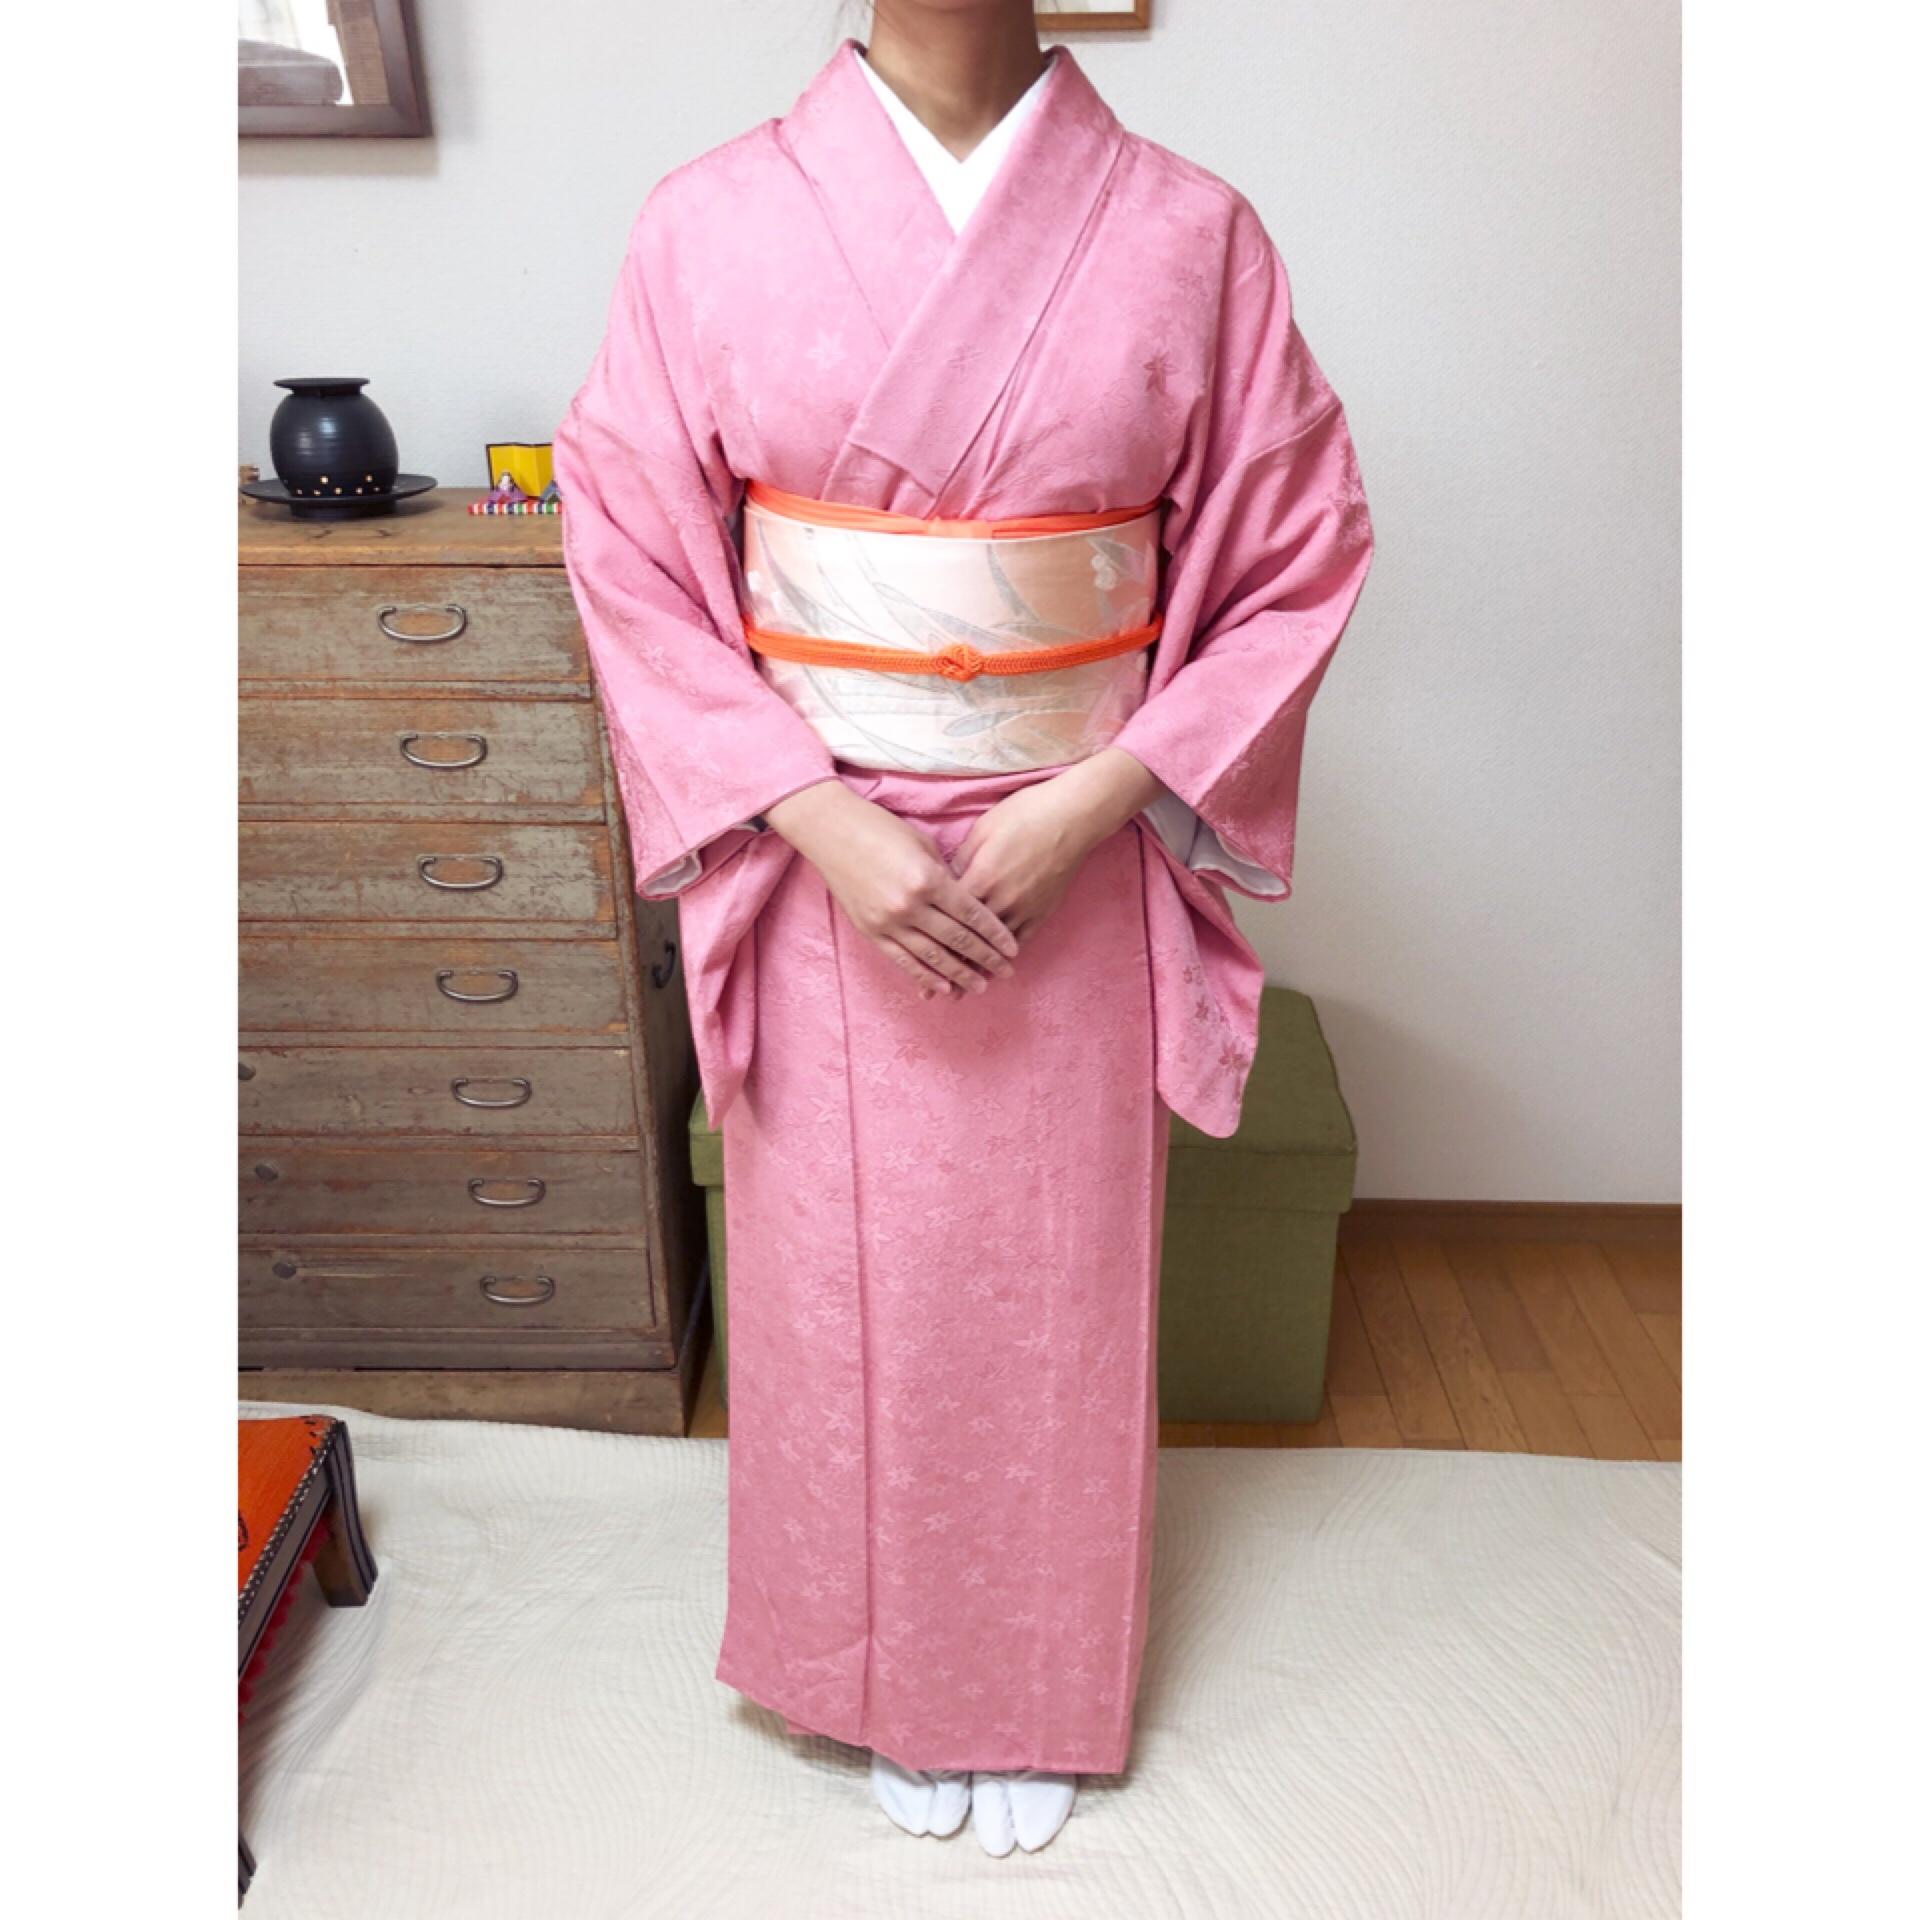 1ヵ月で着付けをマスター・1日2コマ受講のお生徒さんその3【大阪京橋の着付け教室きものたまより】